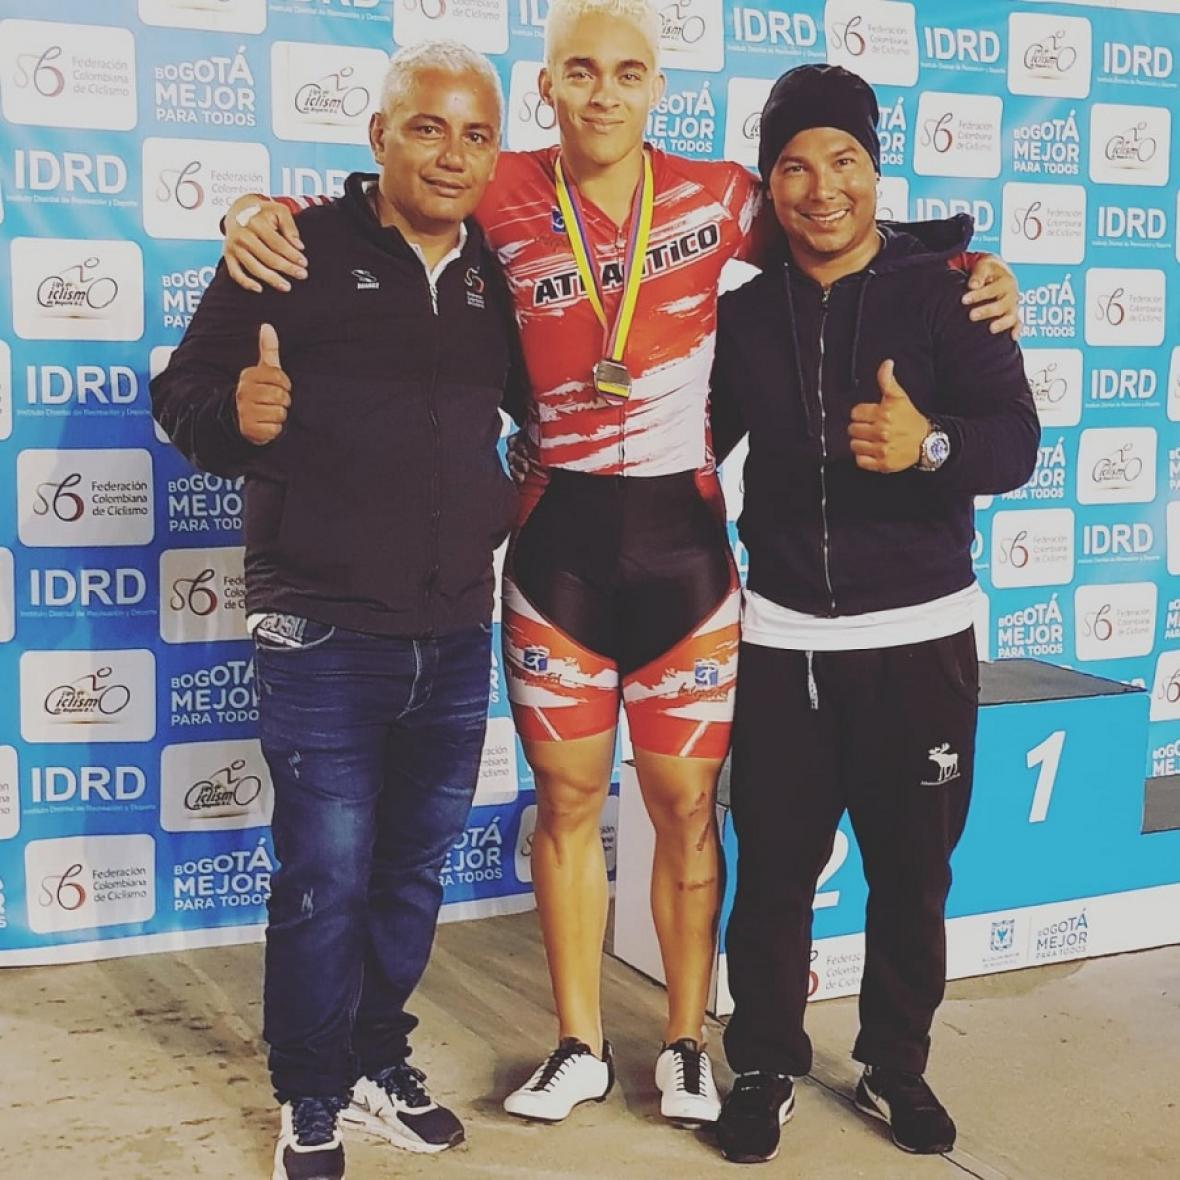 Jader Montes, vicepresidente de la Liga de Ciclismo del Atlántico, el corredor barranquillero Cristian Ortega y el entrenador Ricardo Moreno.